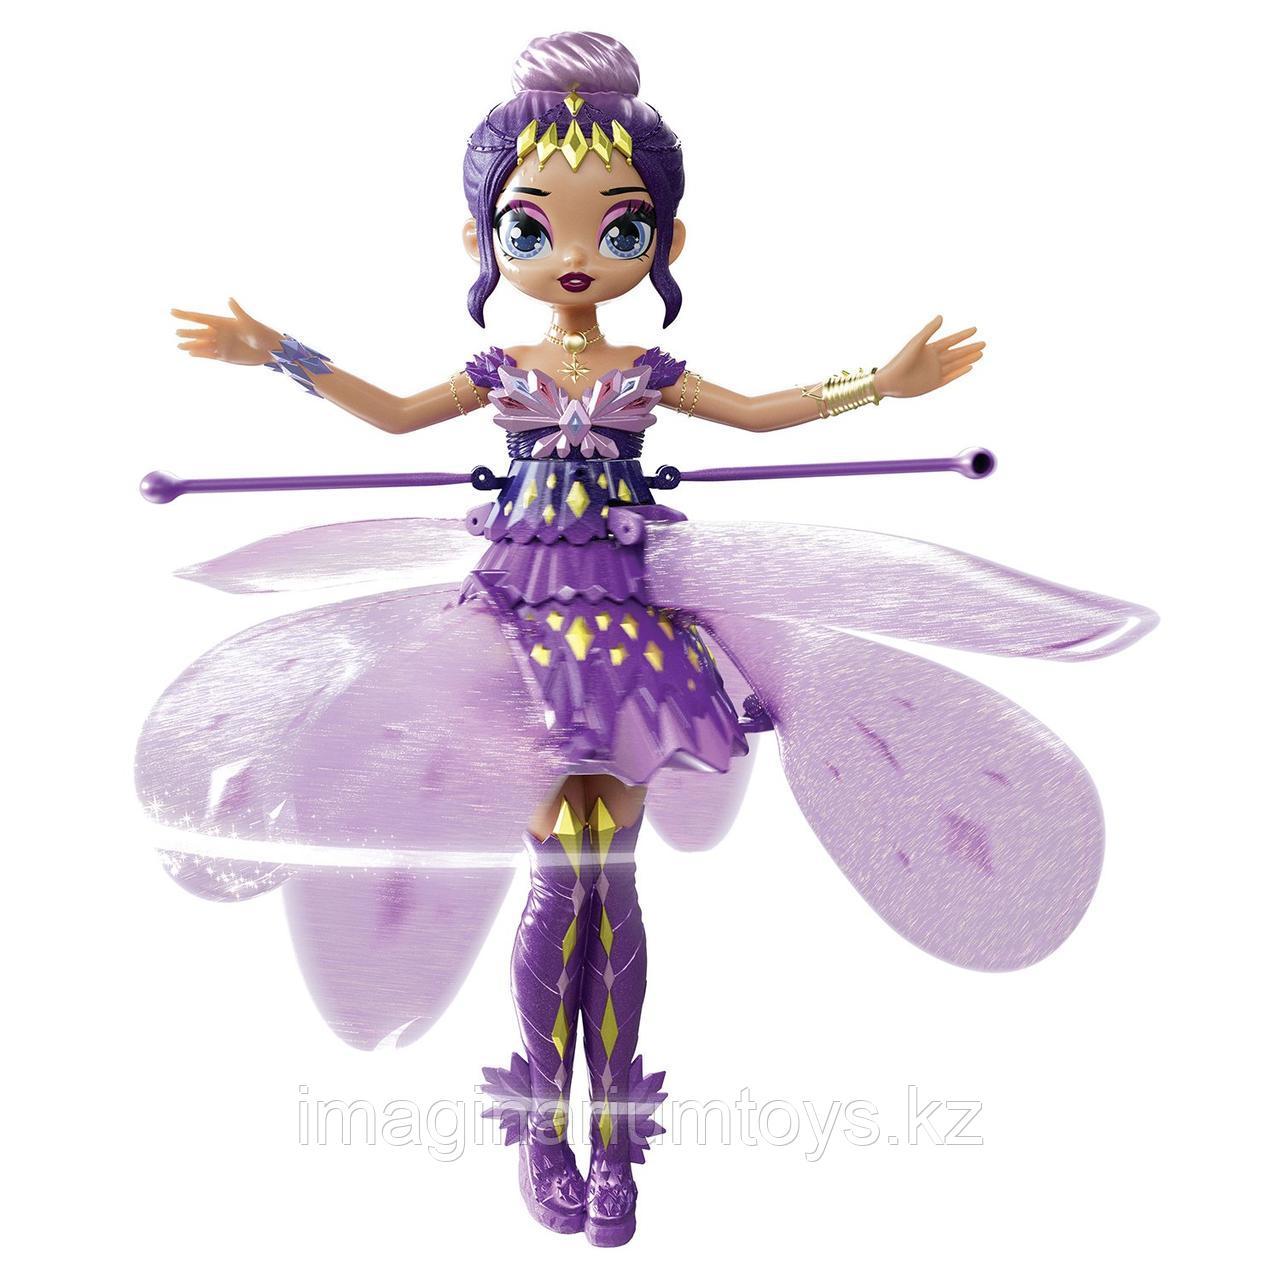 Летающая кукла фея Hatchimals Пикси сиреневая